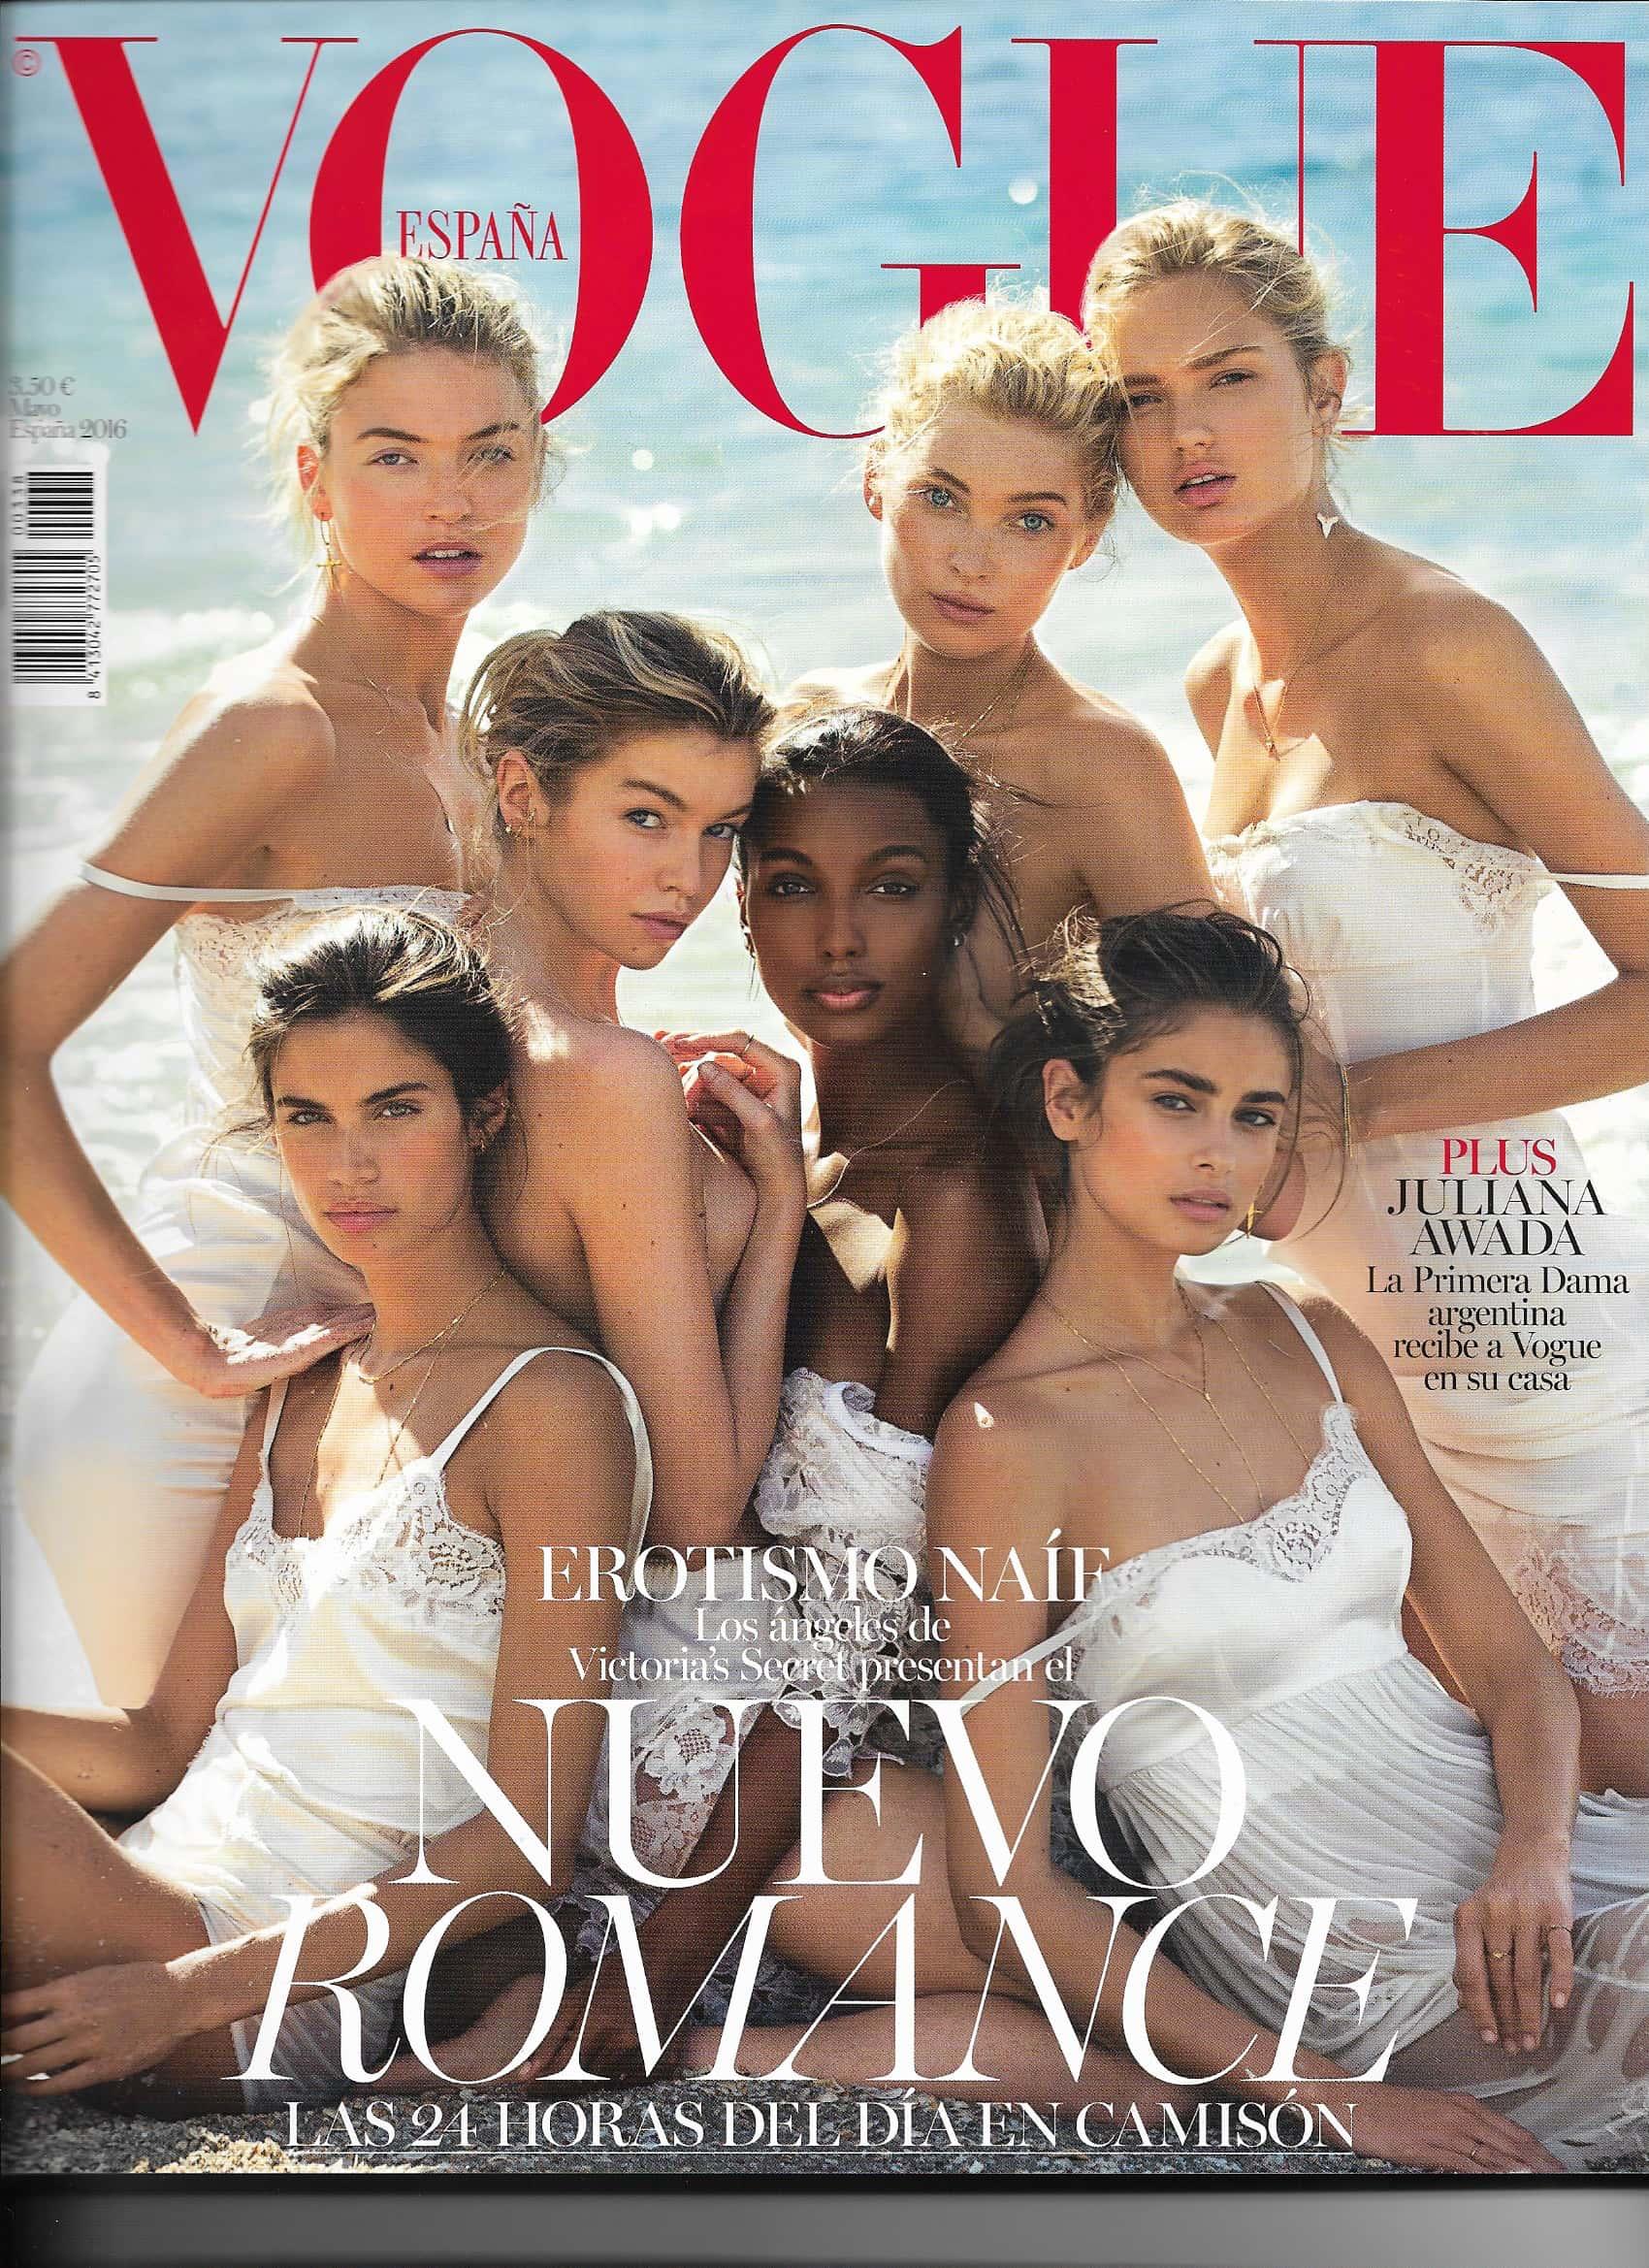 Vogue Mayo 2016 13.jpg